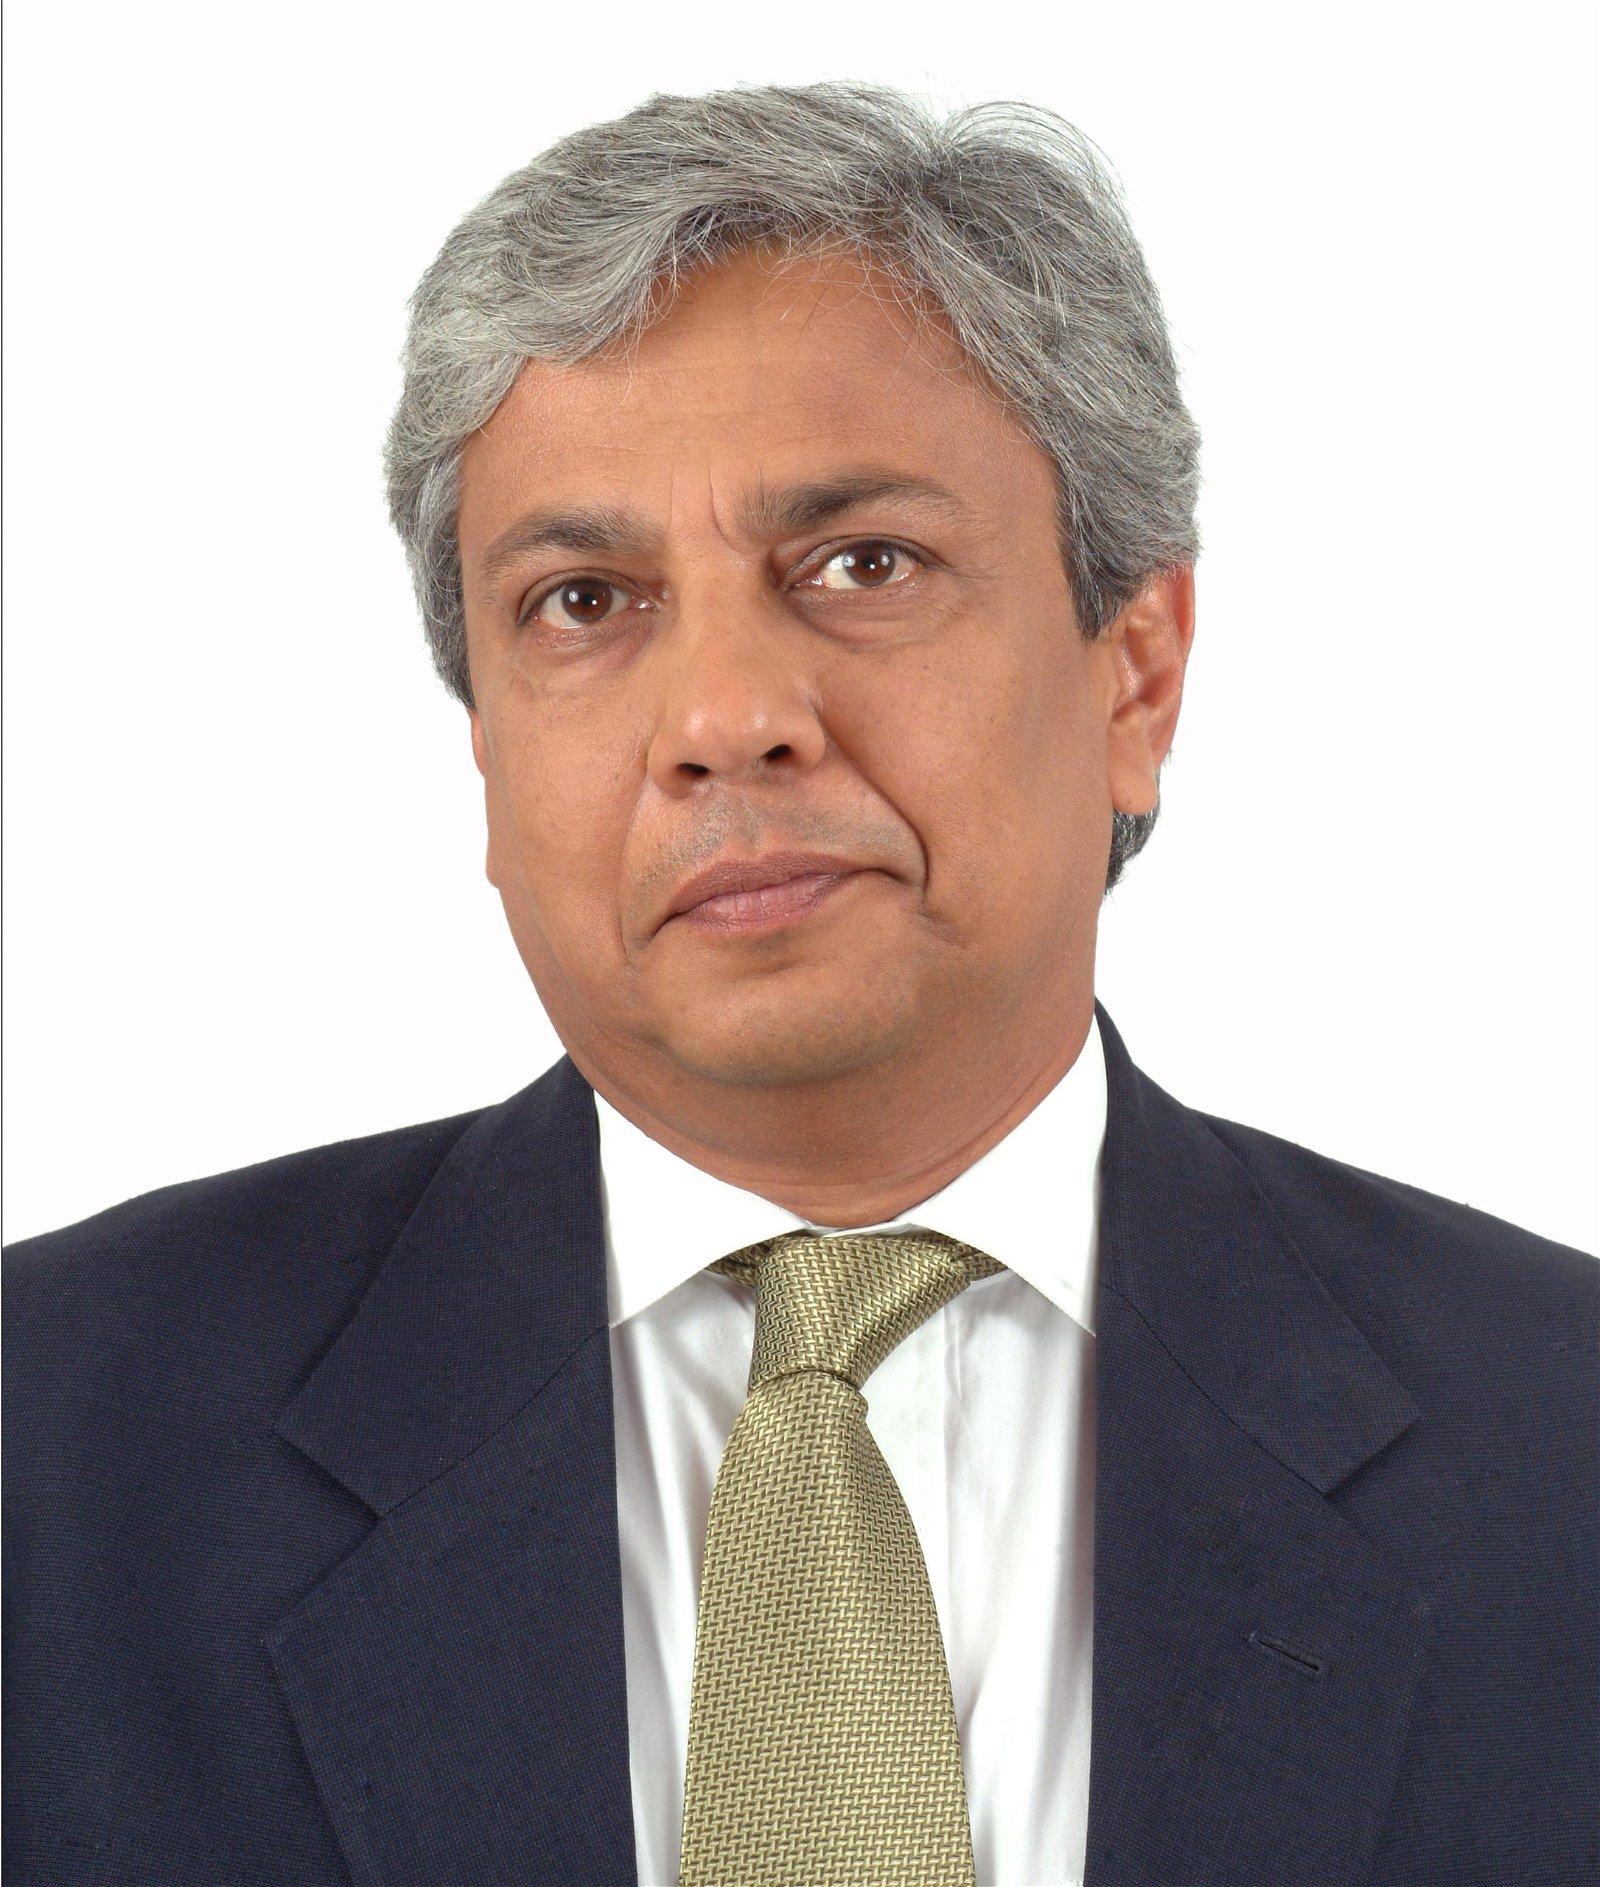 Omkar Goswami Speaker